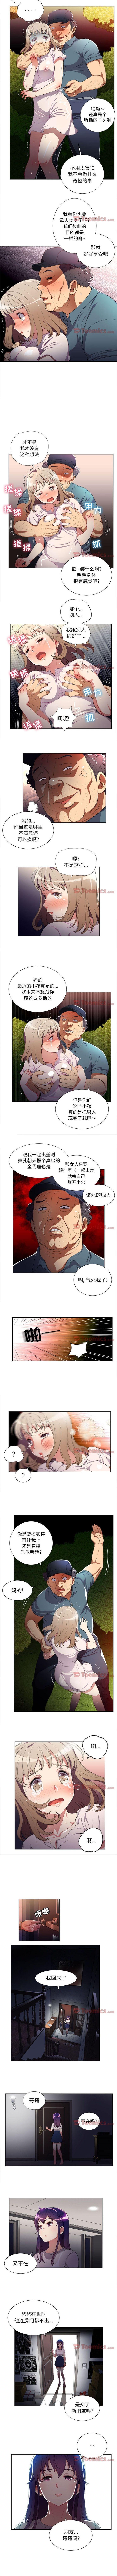 由莉的秘密1-60 中文翻译 (更新中) 216